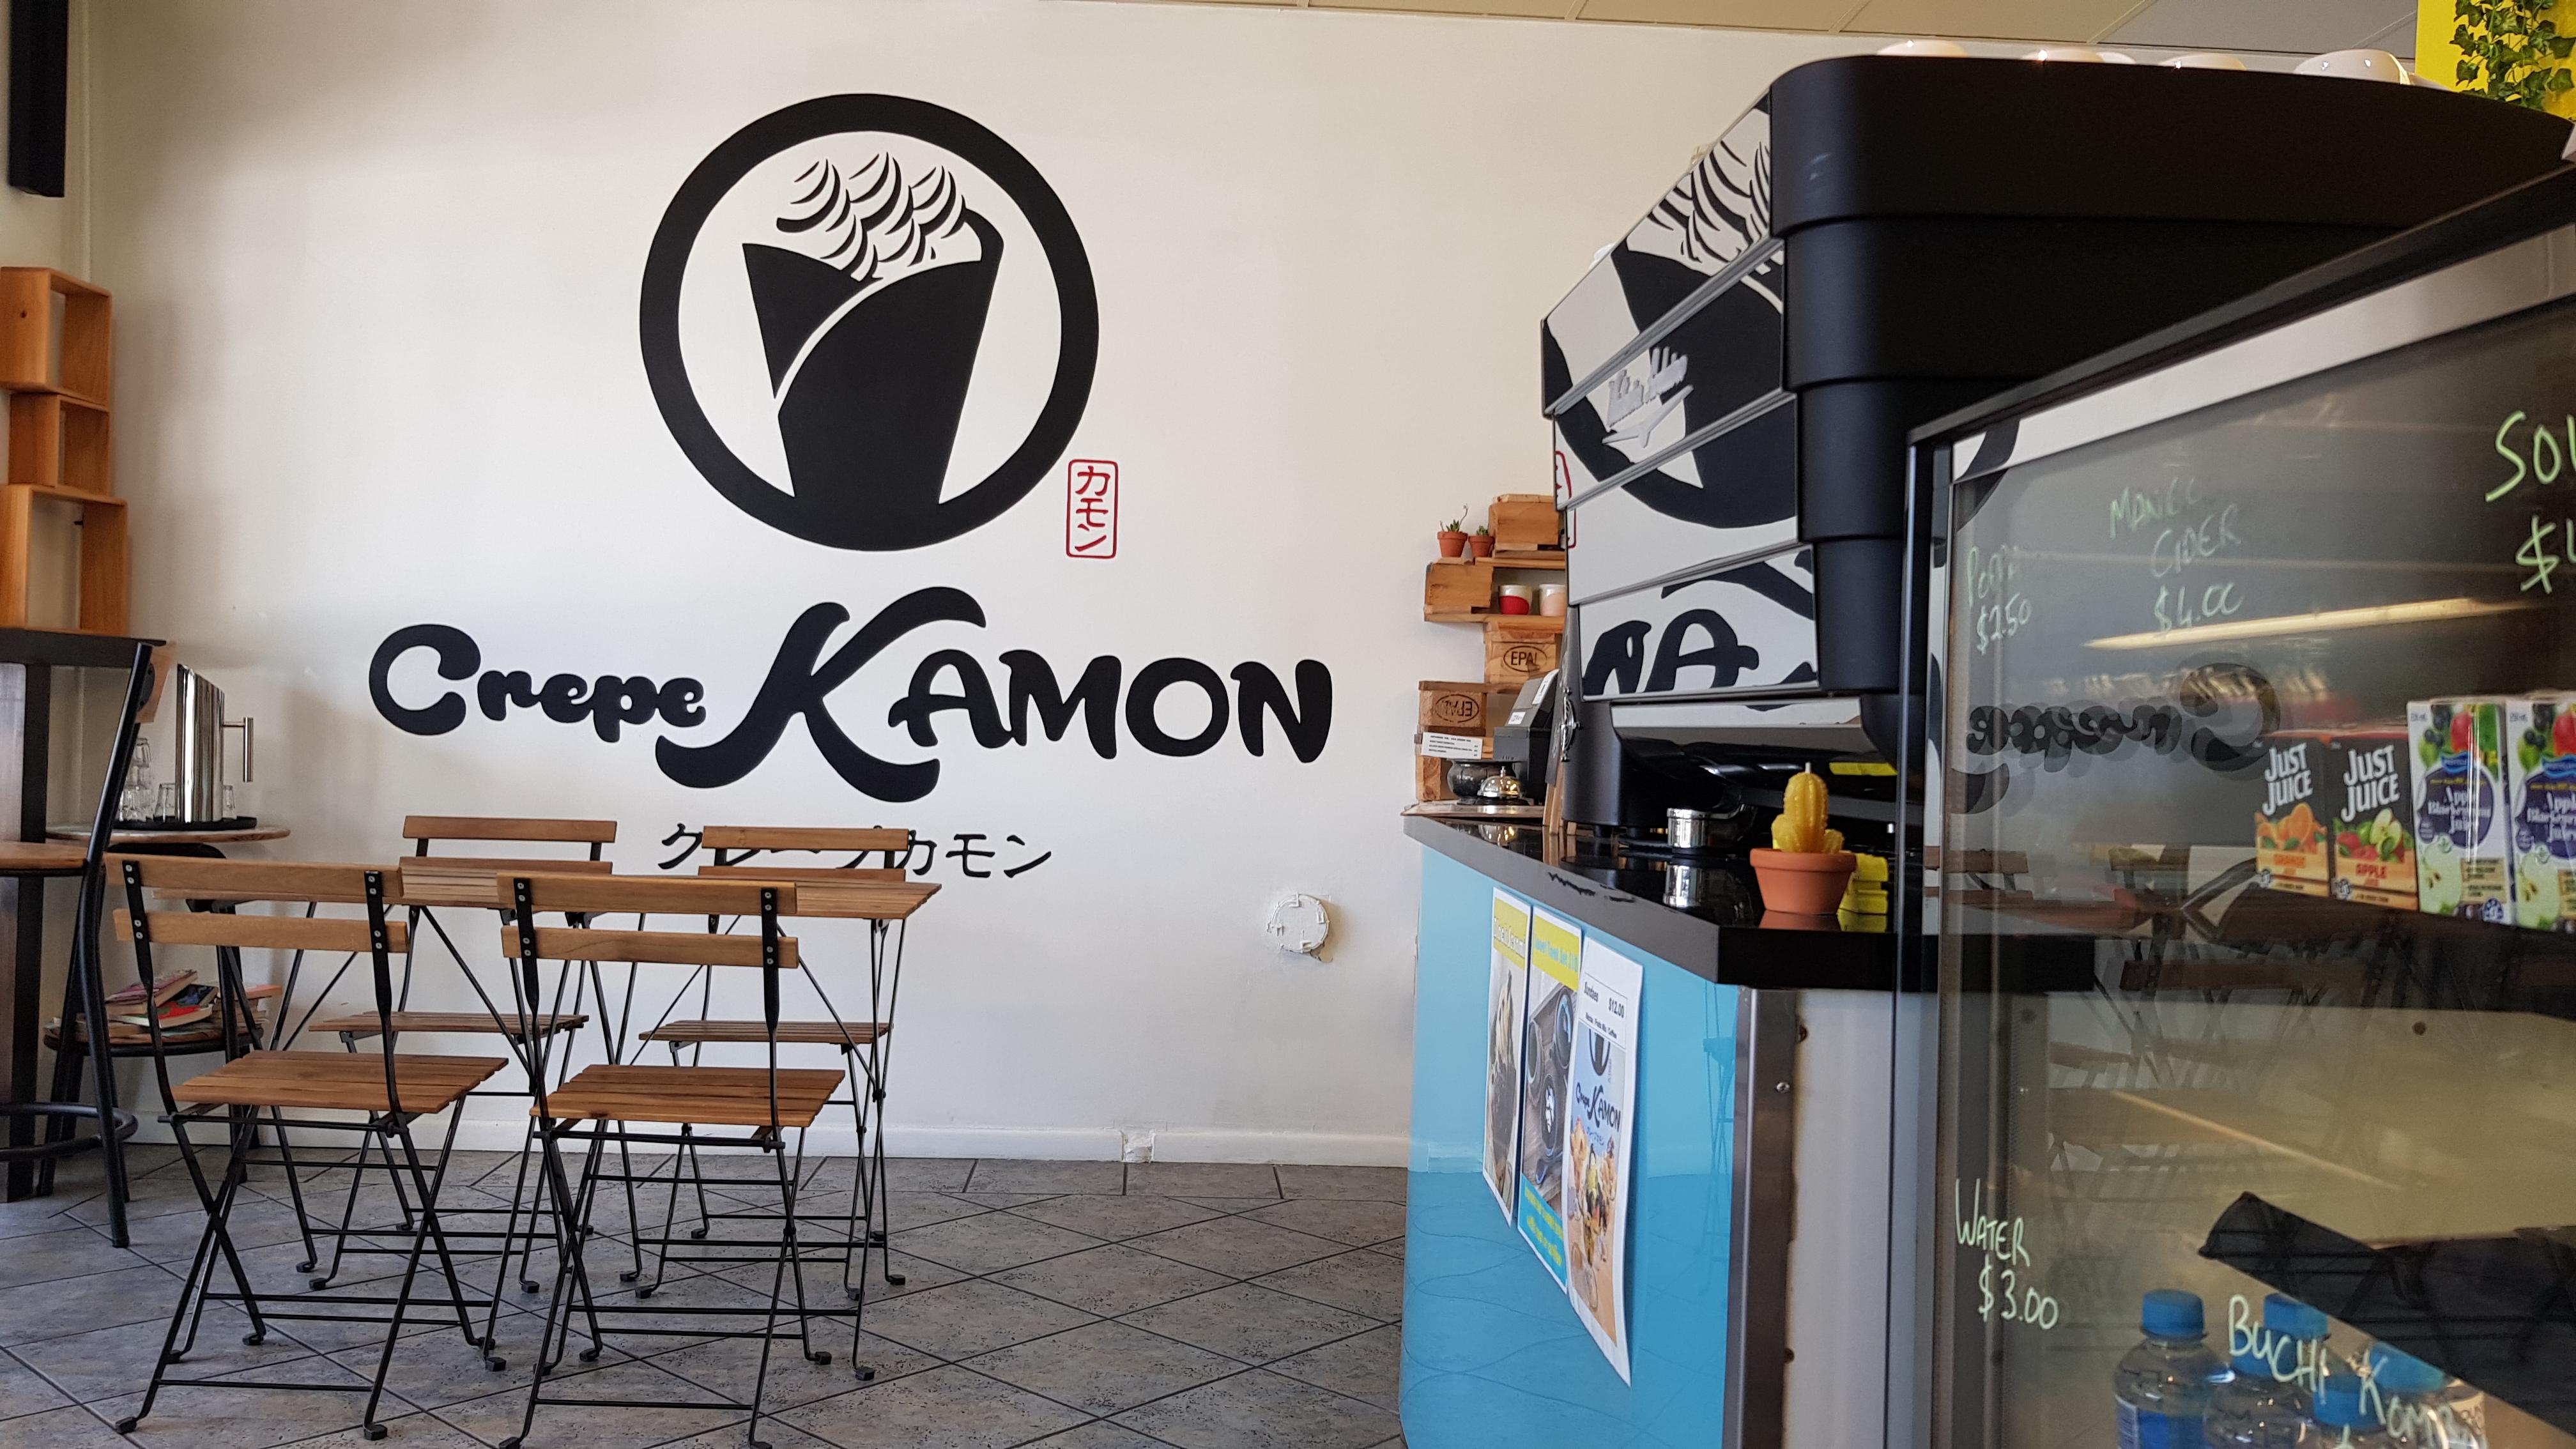 Crepe Kamon